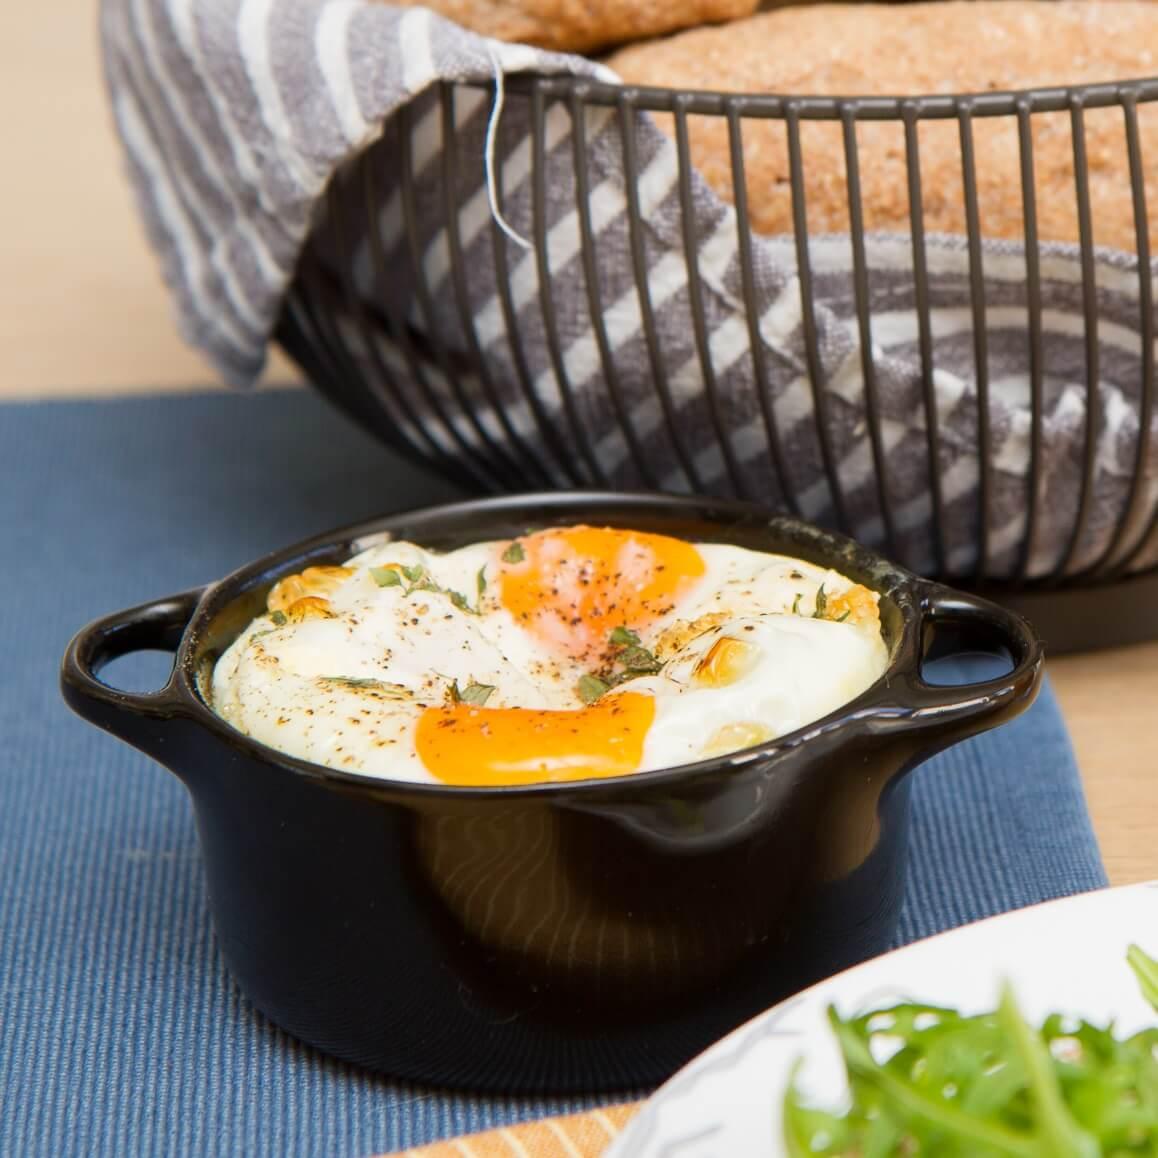 Egg cocotte